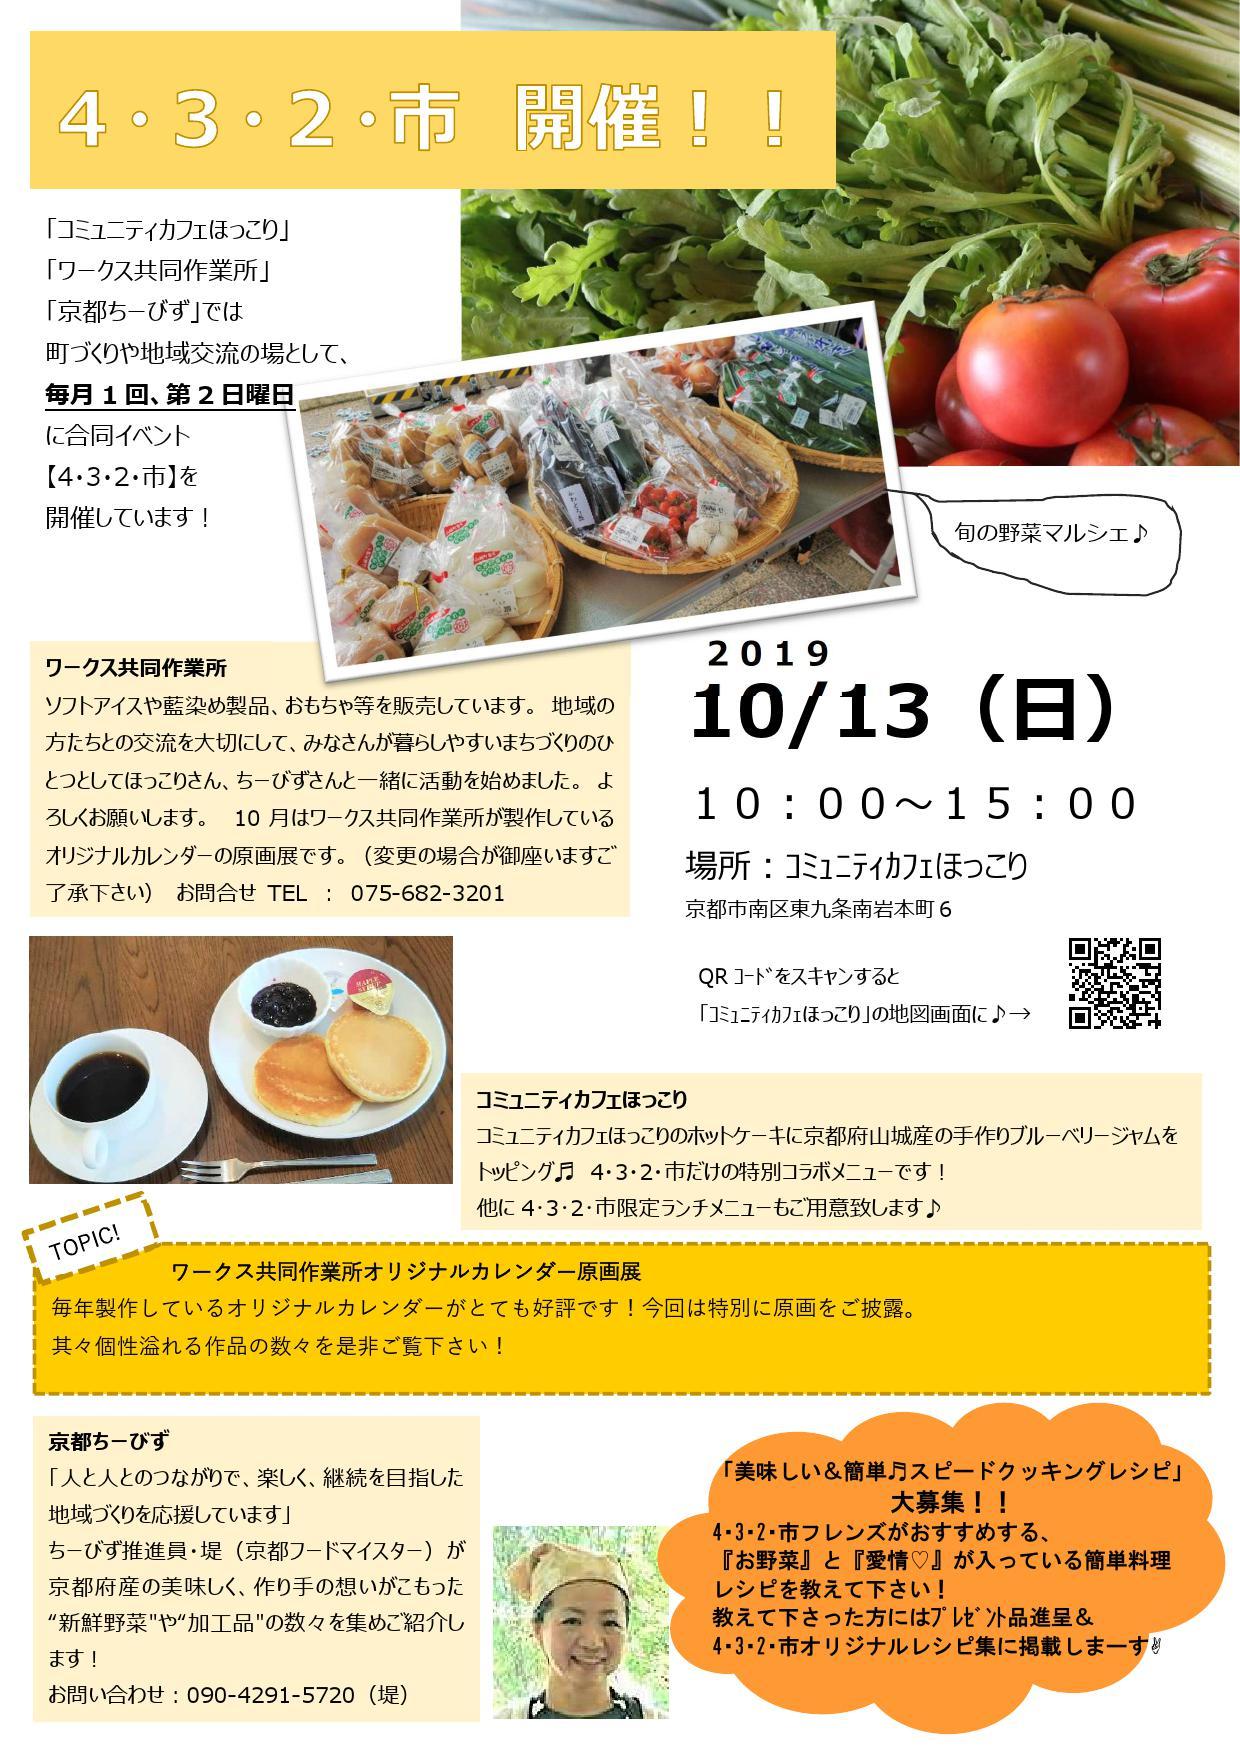 4.3.2.市開催!2019/10/13(日)